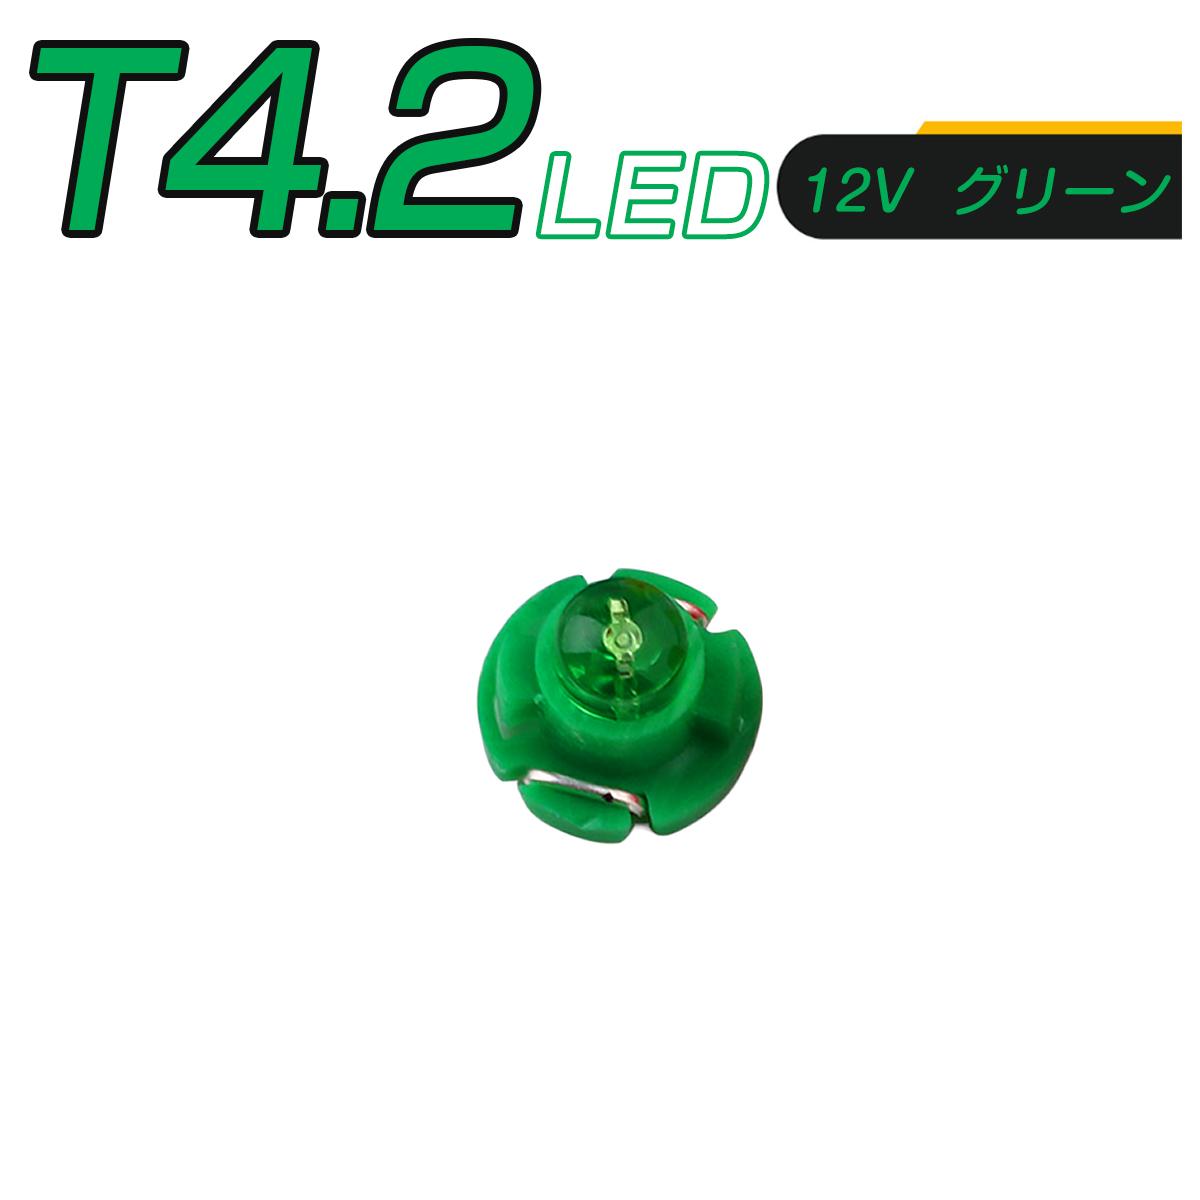 LED T4.2 SMD 緑 メーター球 タコランプ インジケーター エアコンパネル 超拡散 全面発光 2個セット SDM便送料無料 1ヶ月保証